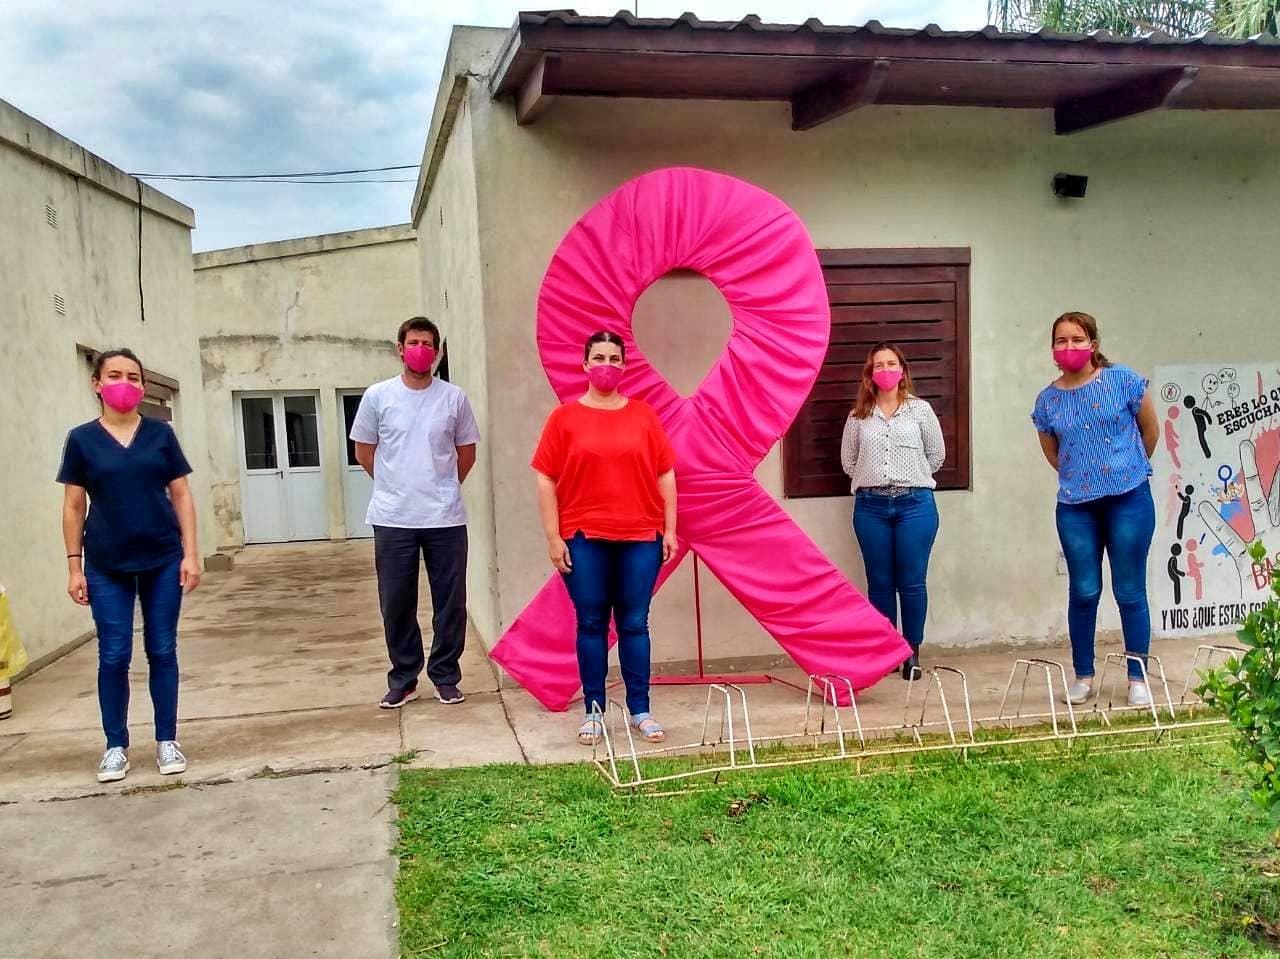 Malabrigo: el lazo color rosa recorre diferentes instituciones de la ciudad